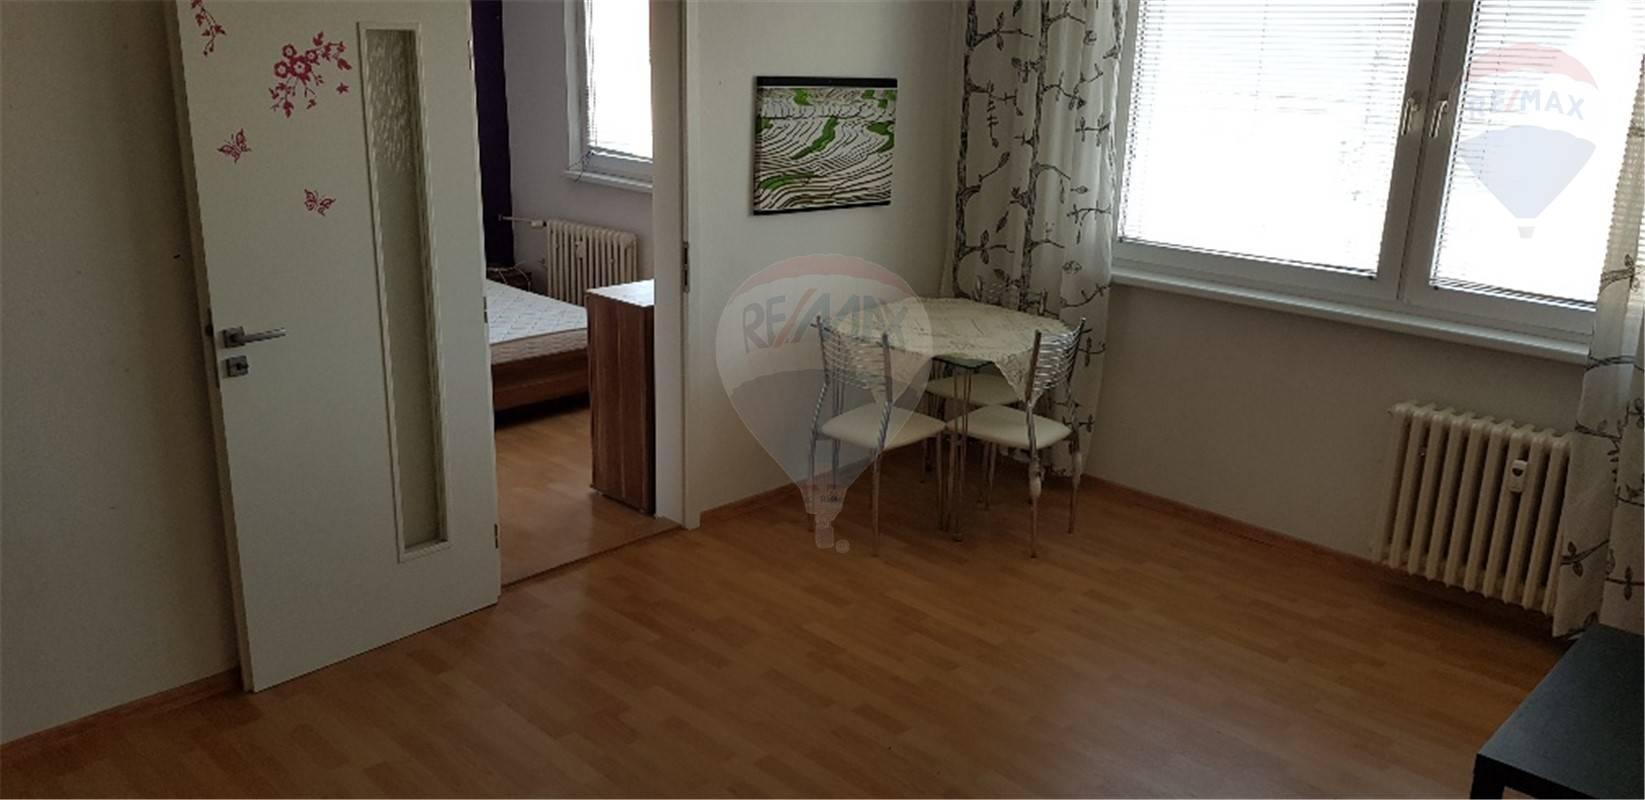 Predaj 2 izb. byt - 50 m2 - Stupava -Kukučínova ul.